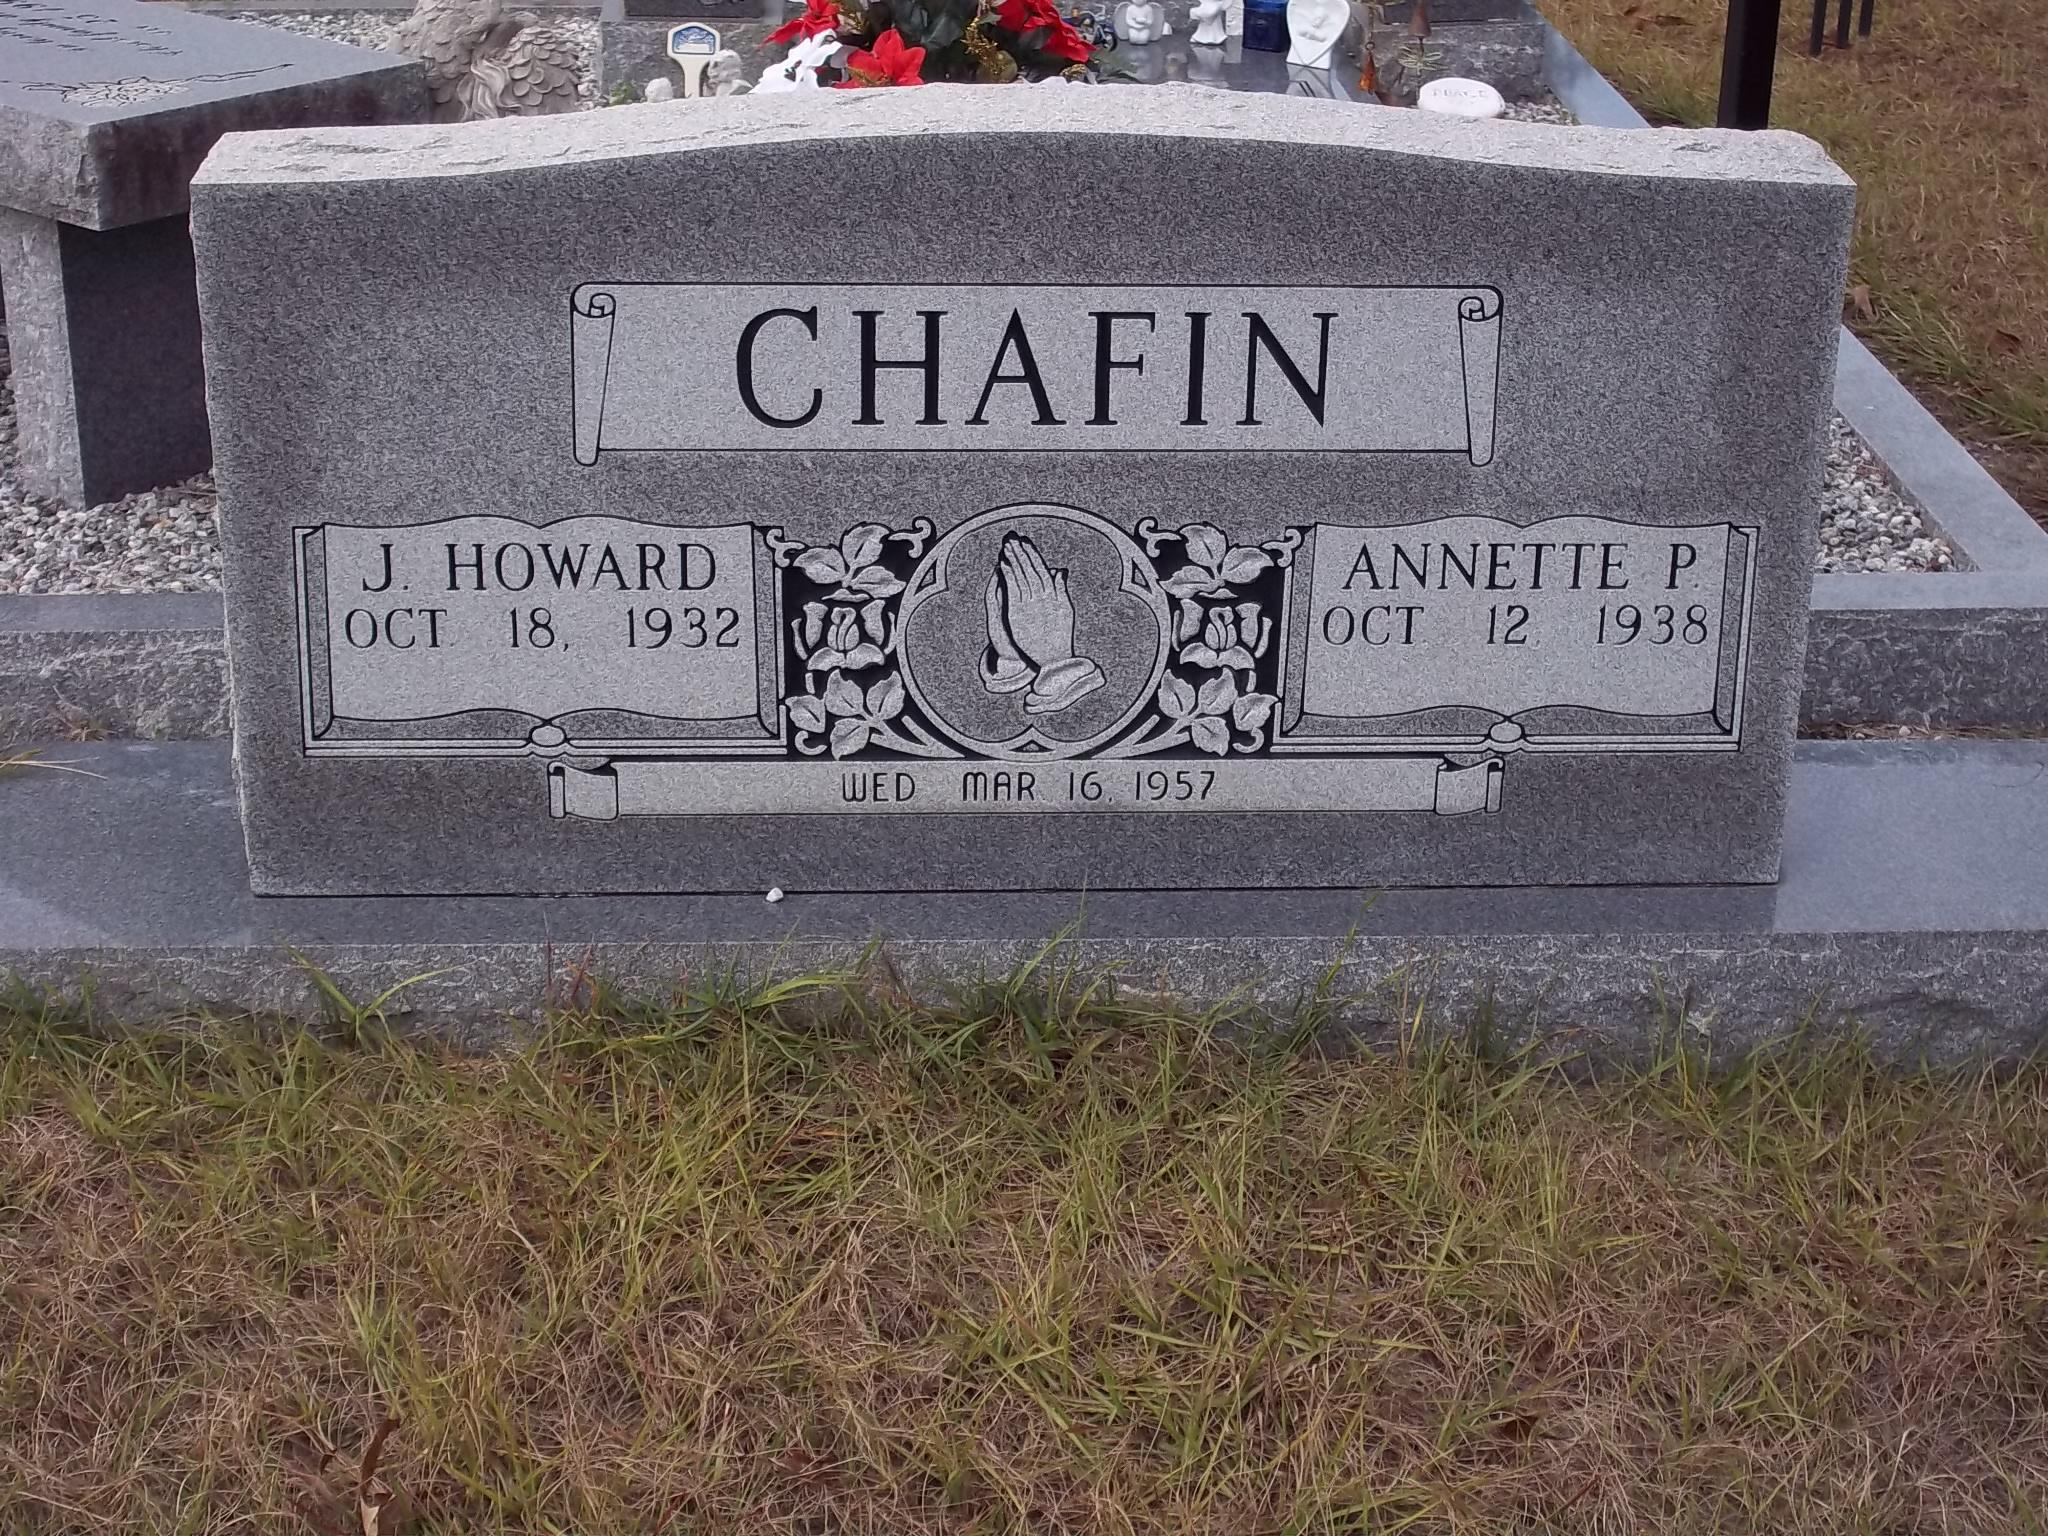 J Howard Chafin